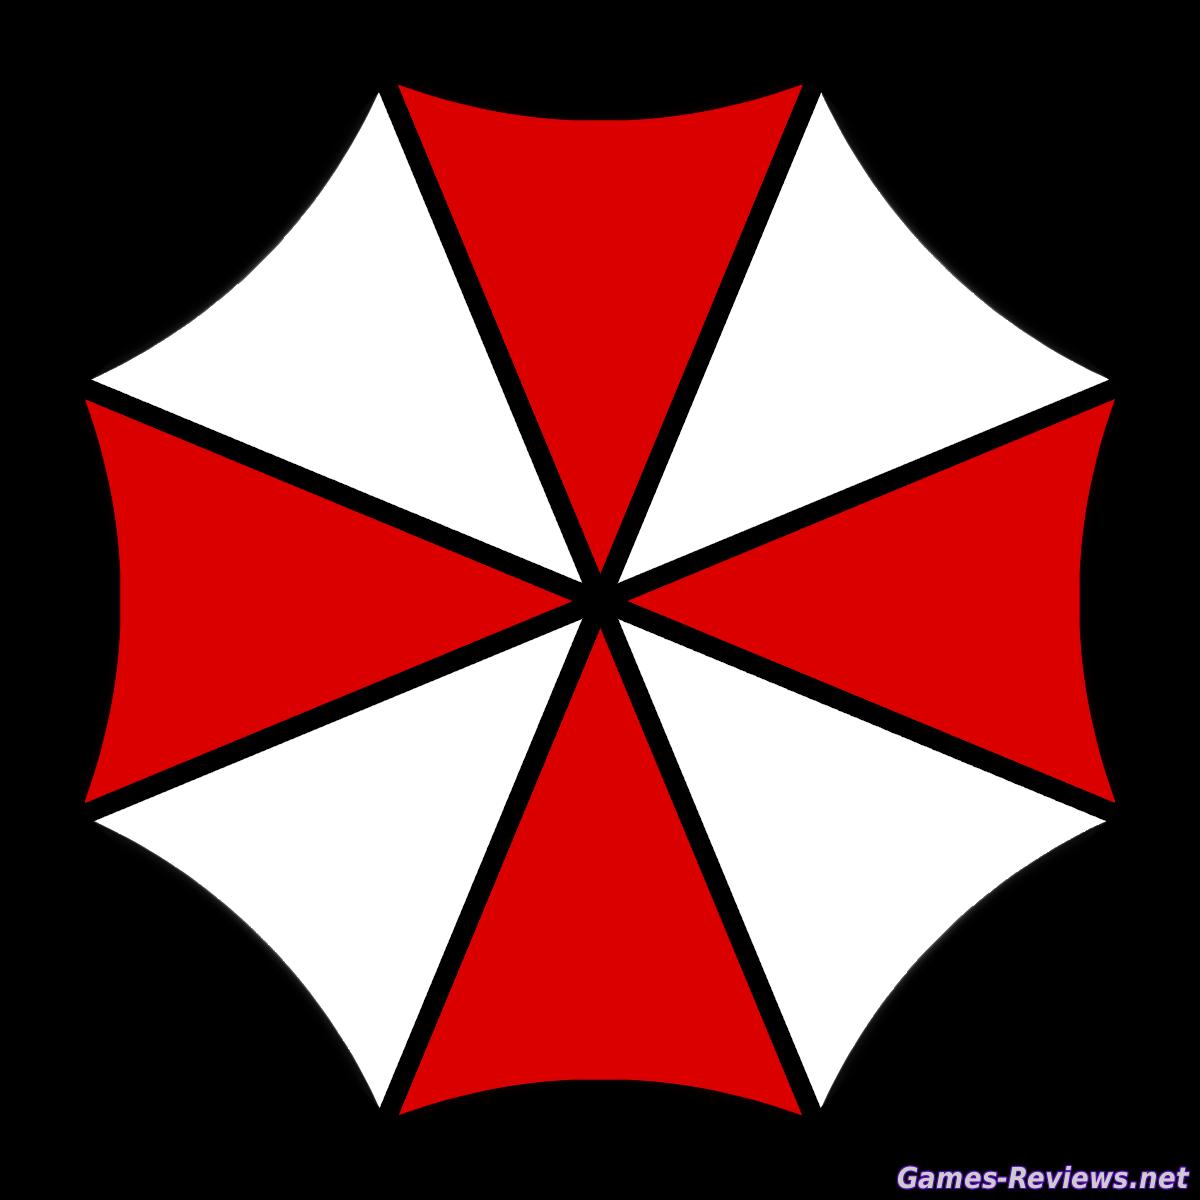 Новая часть Resident Evil возможно получит имя Biohazard